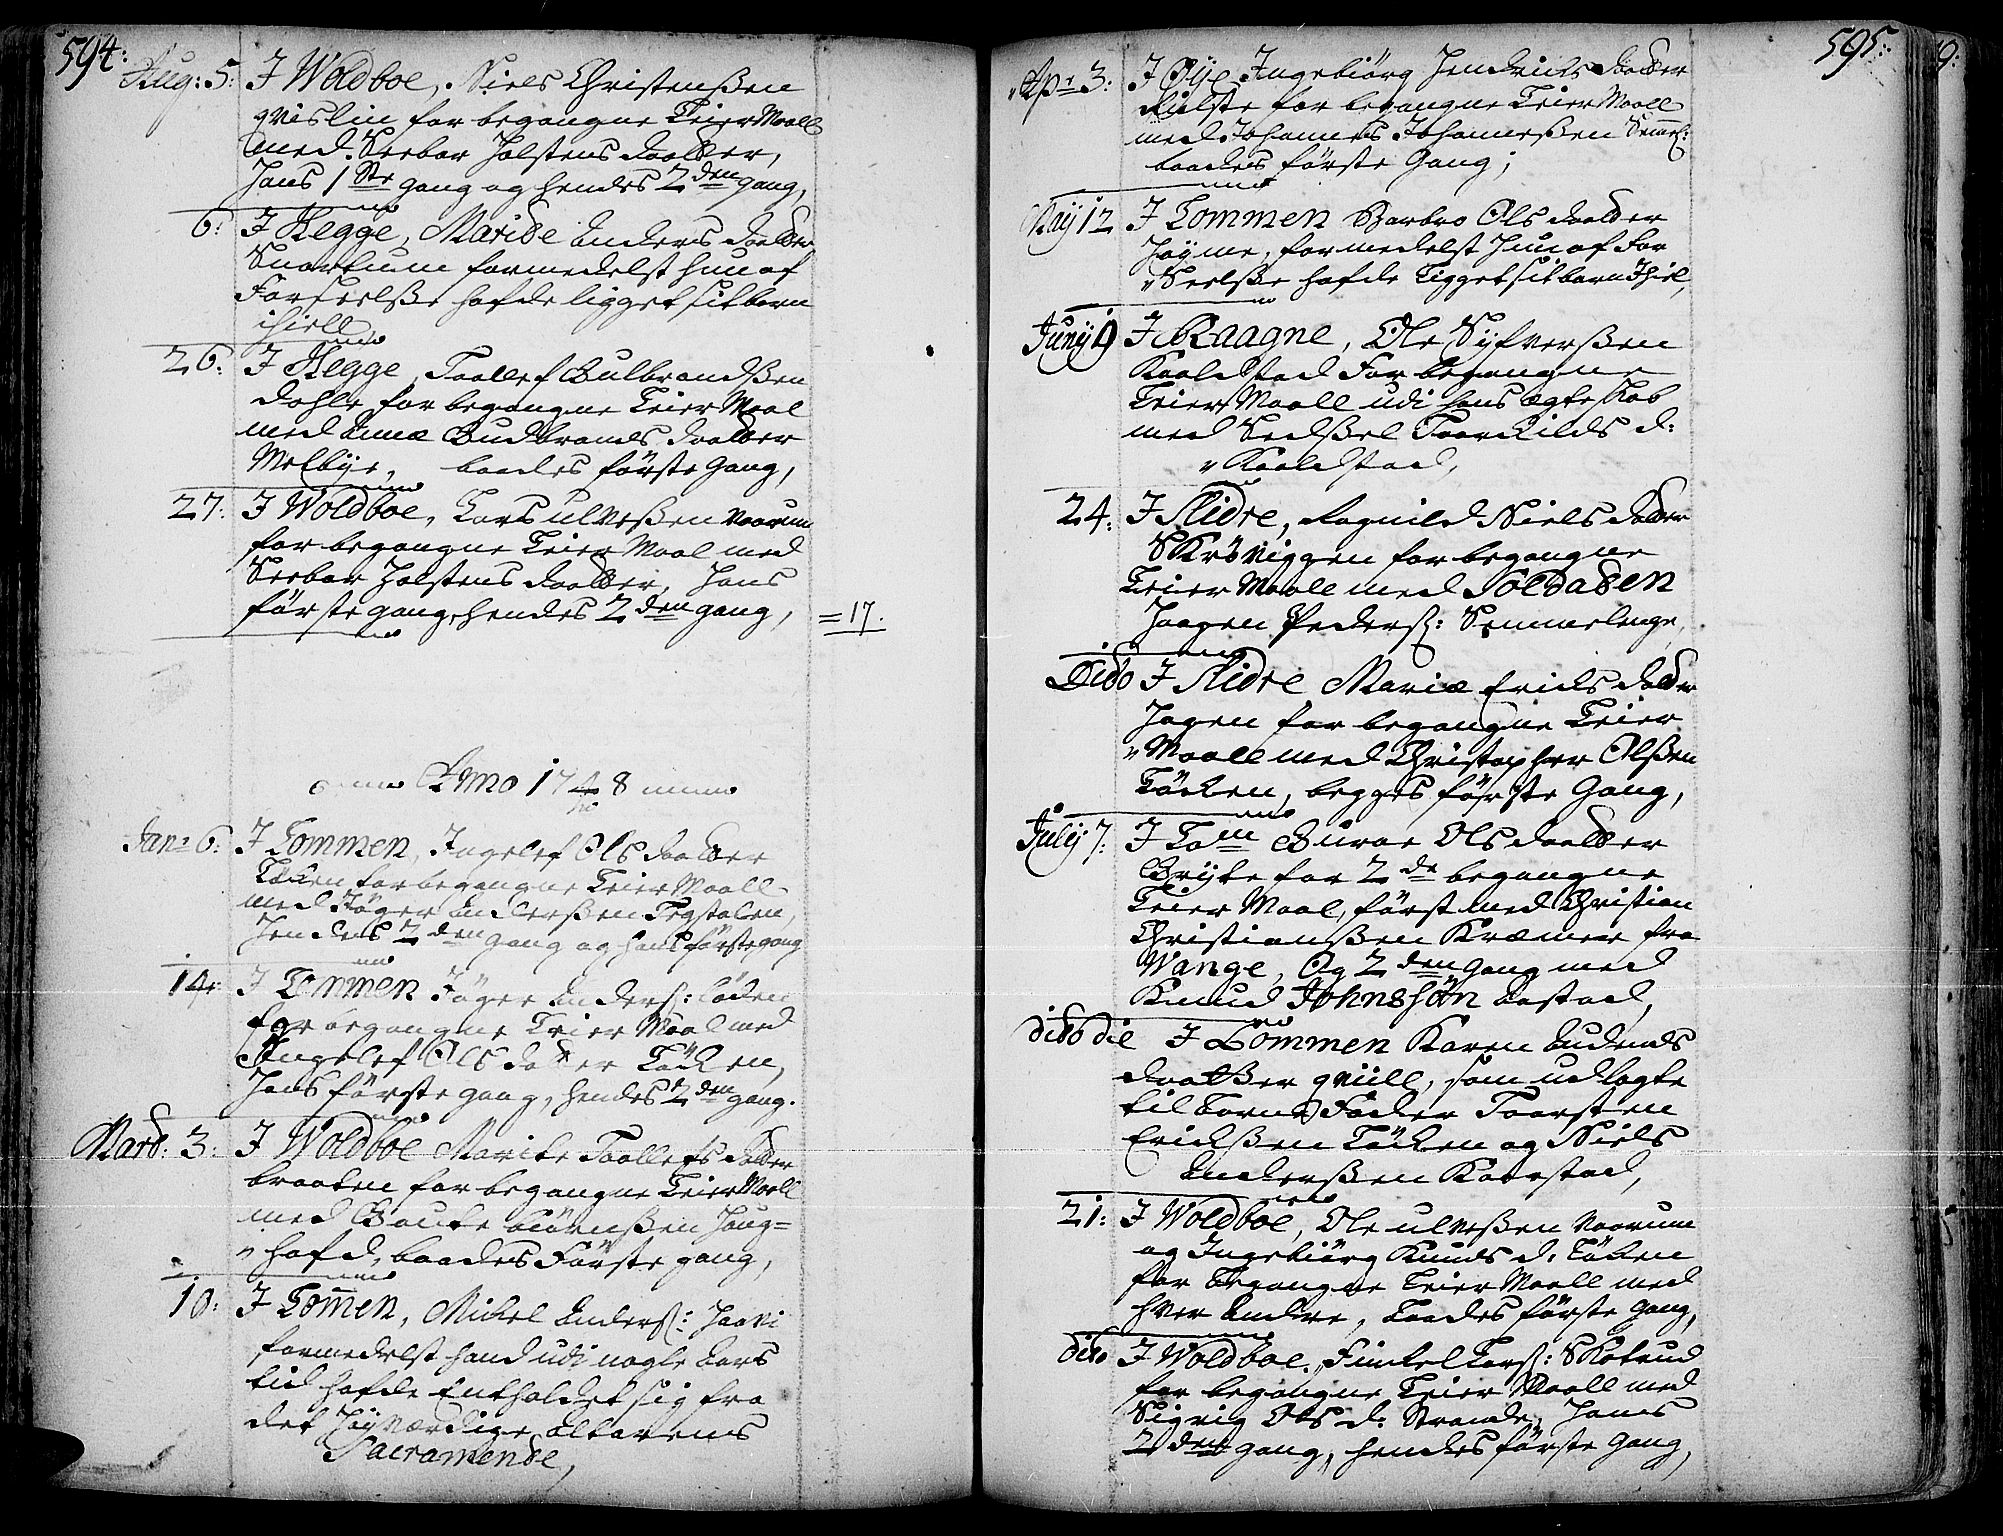 SAH, Slidre prestekontor, Ministerialbok nr. 1, 1724-1814, s. 594-595